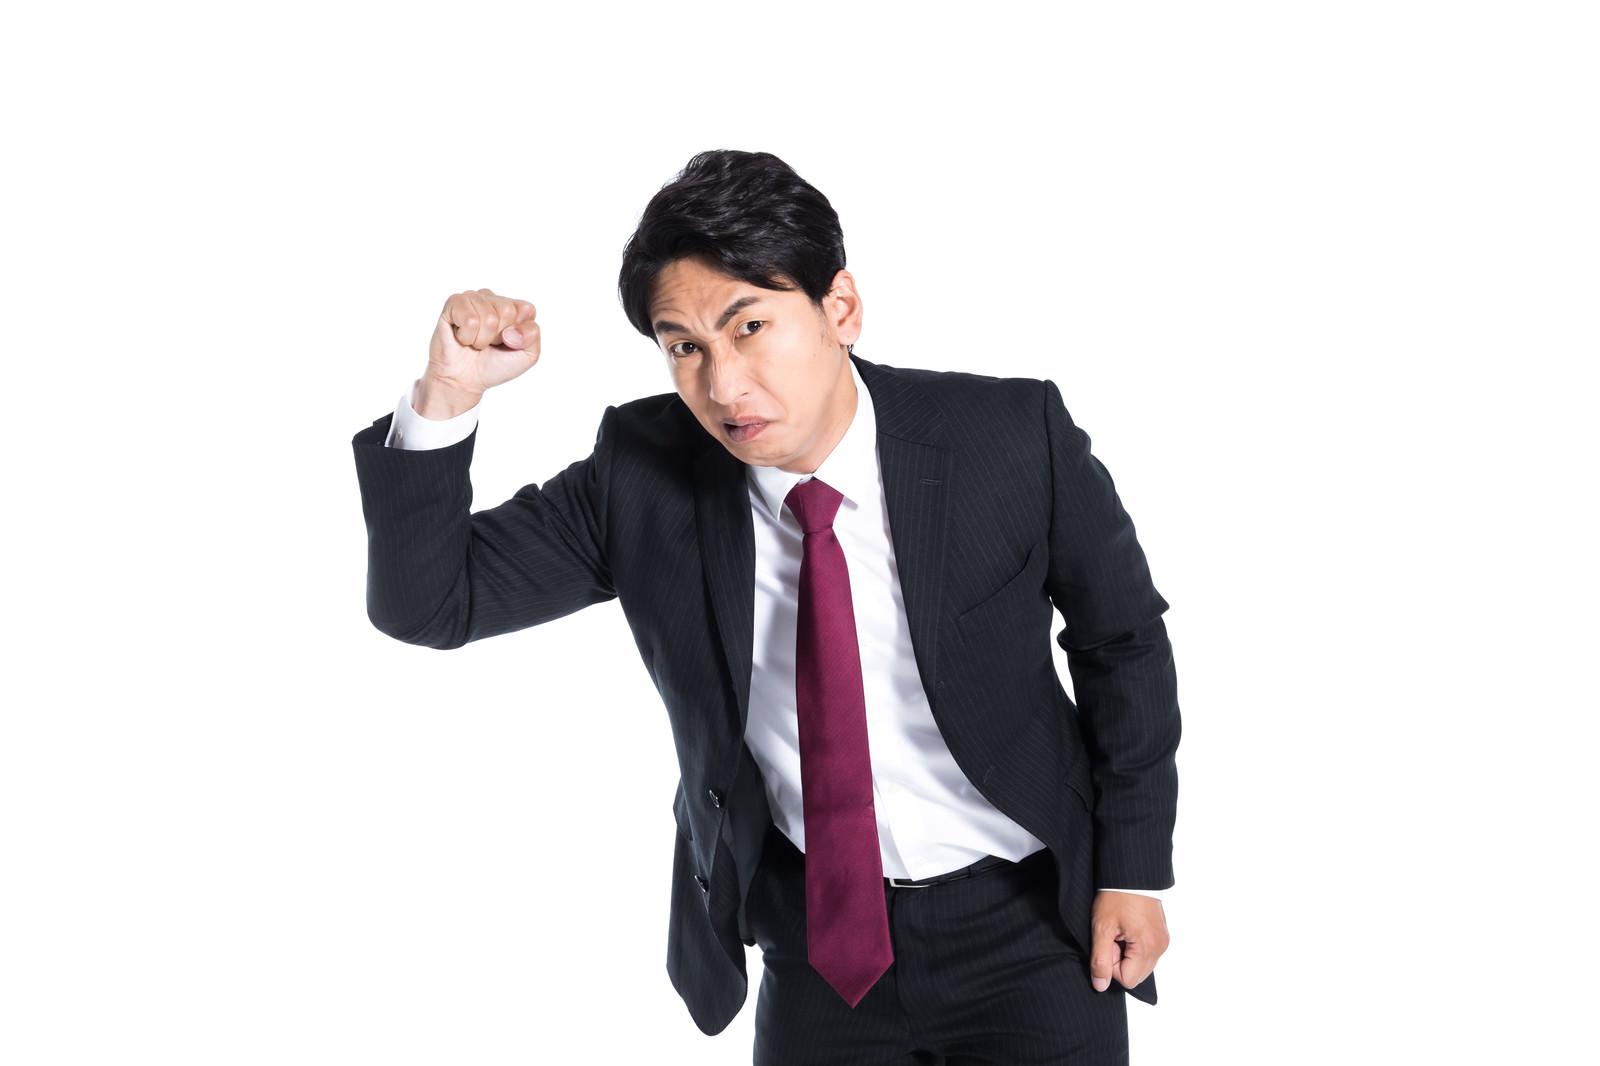 「拳を振り上げ威嚇する上司」の写真[モデル:大川竜弥]